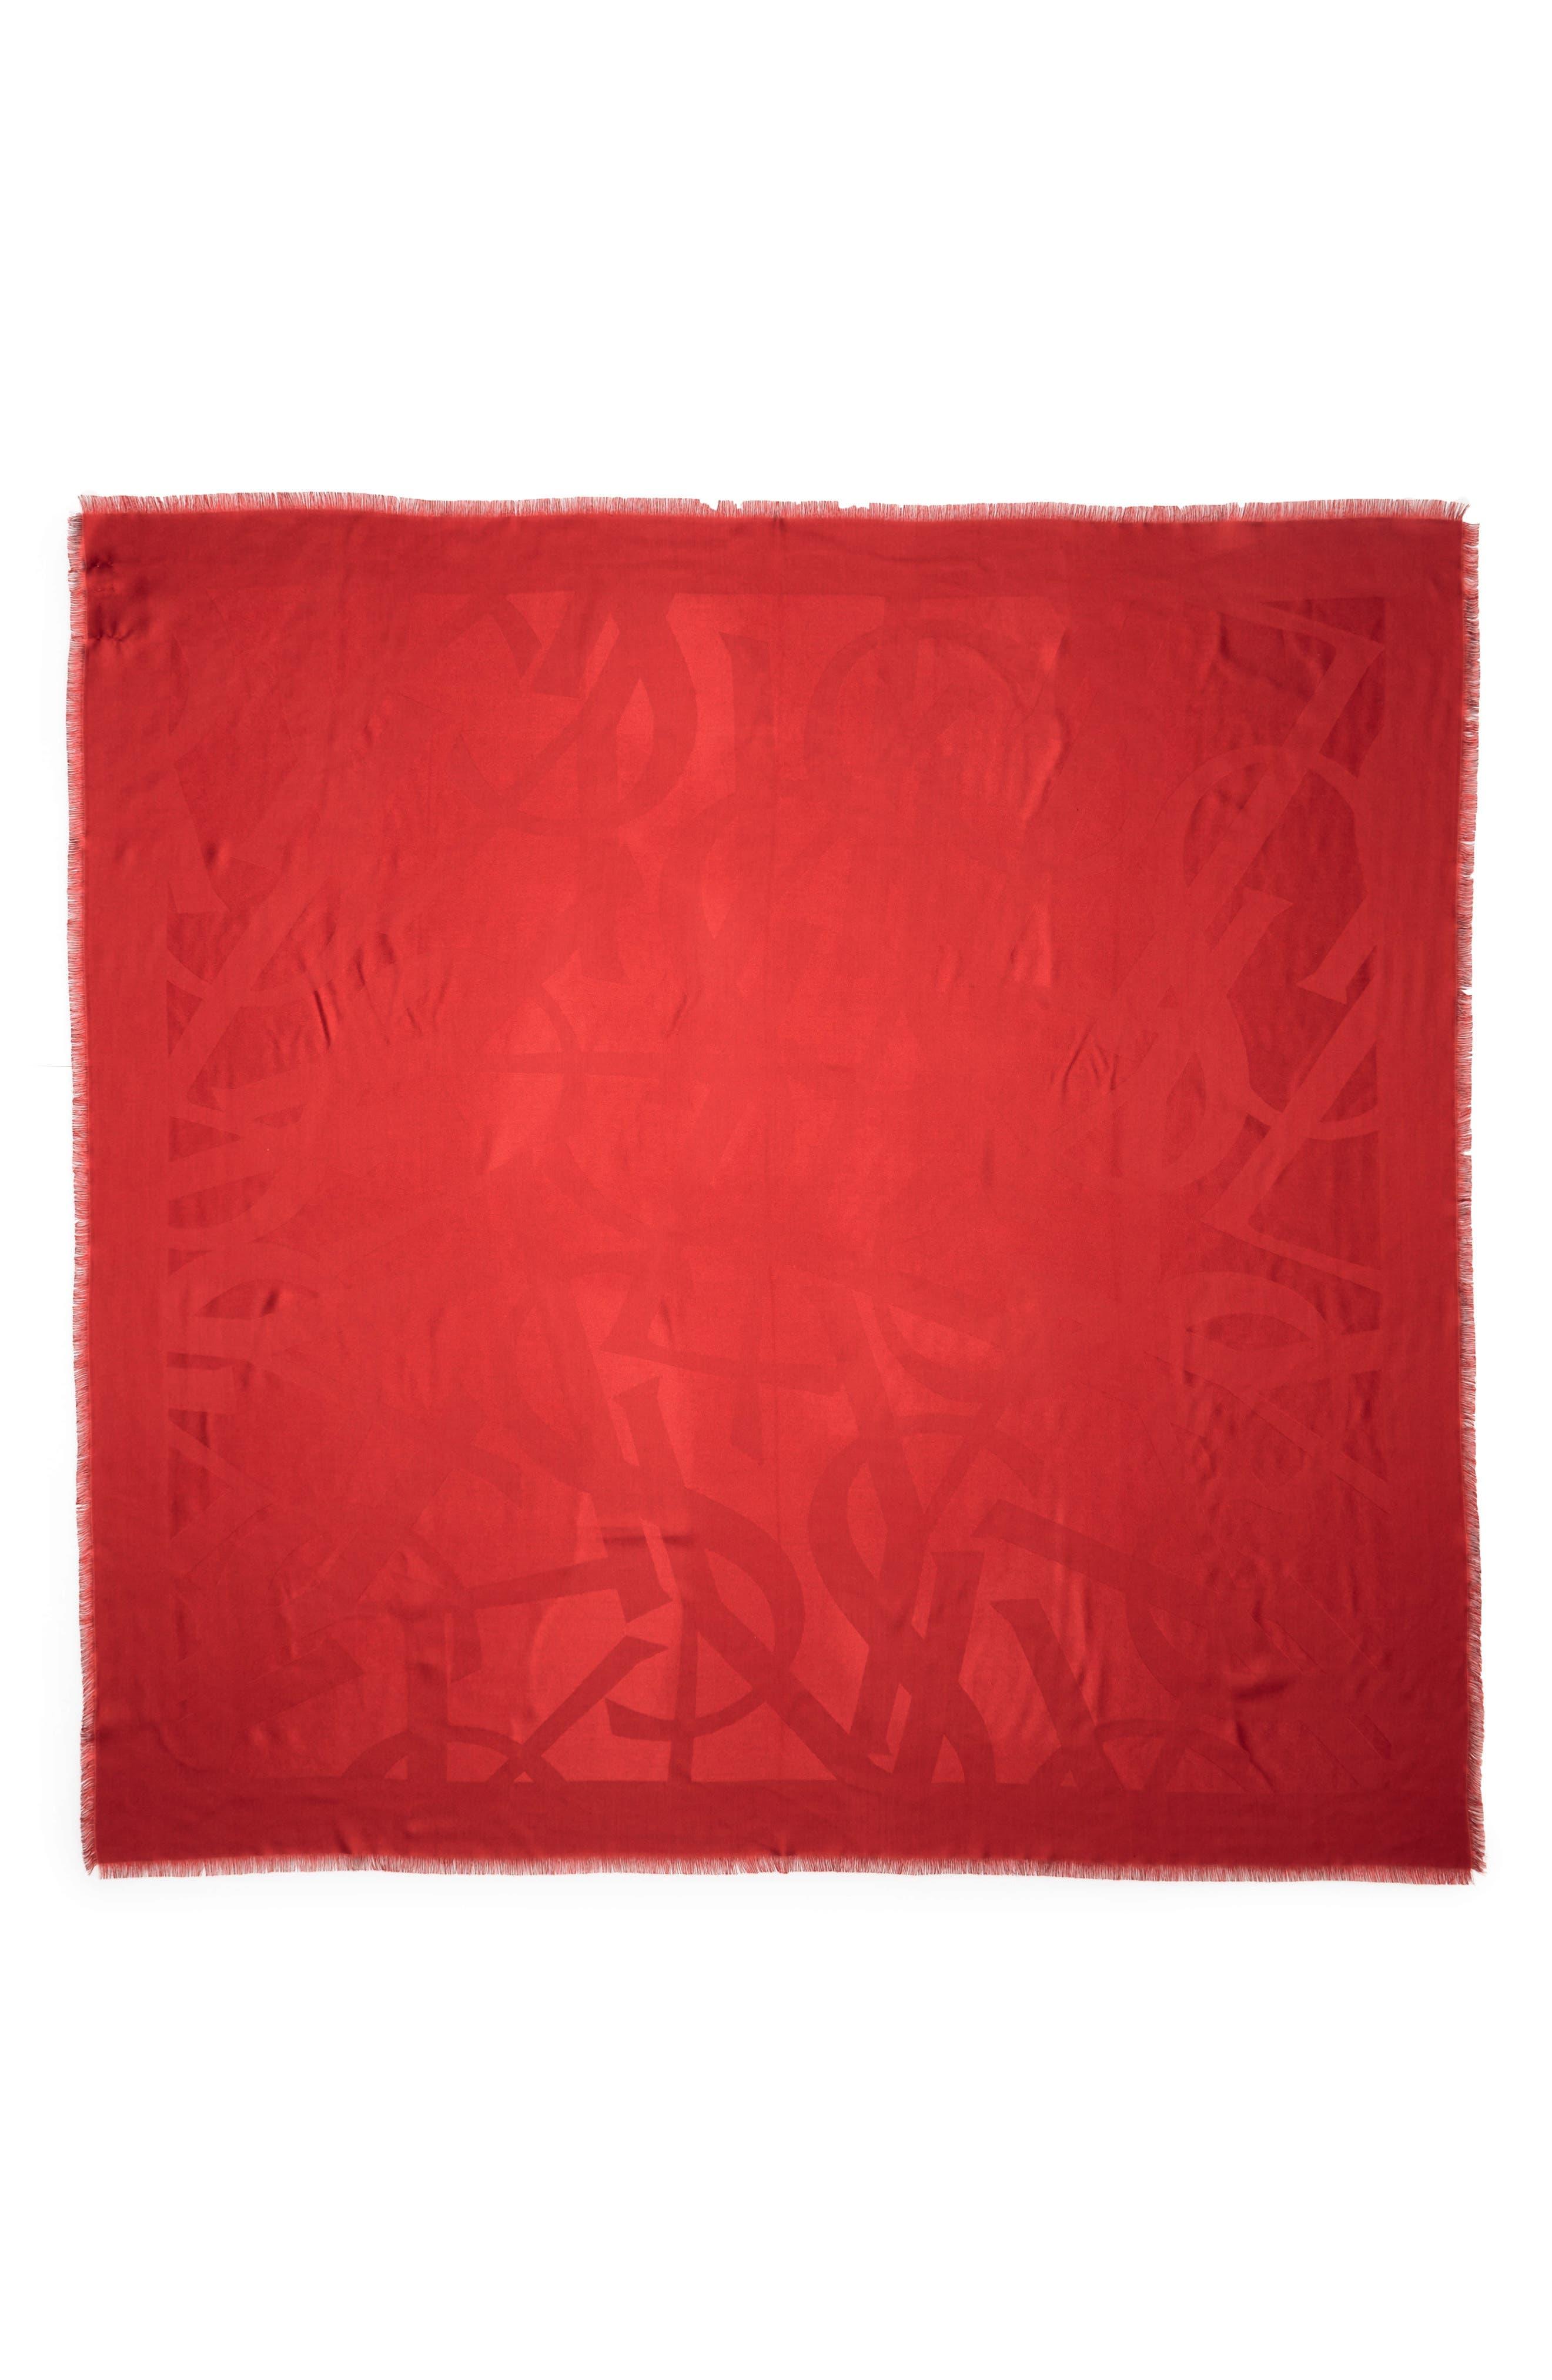 YSL Random Logo Jacquard Square Silk Scarf,                         Main,                         color, Lacquer